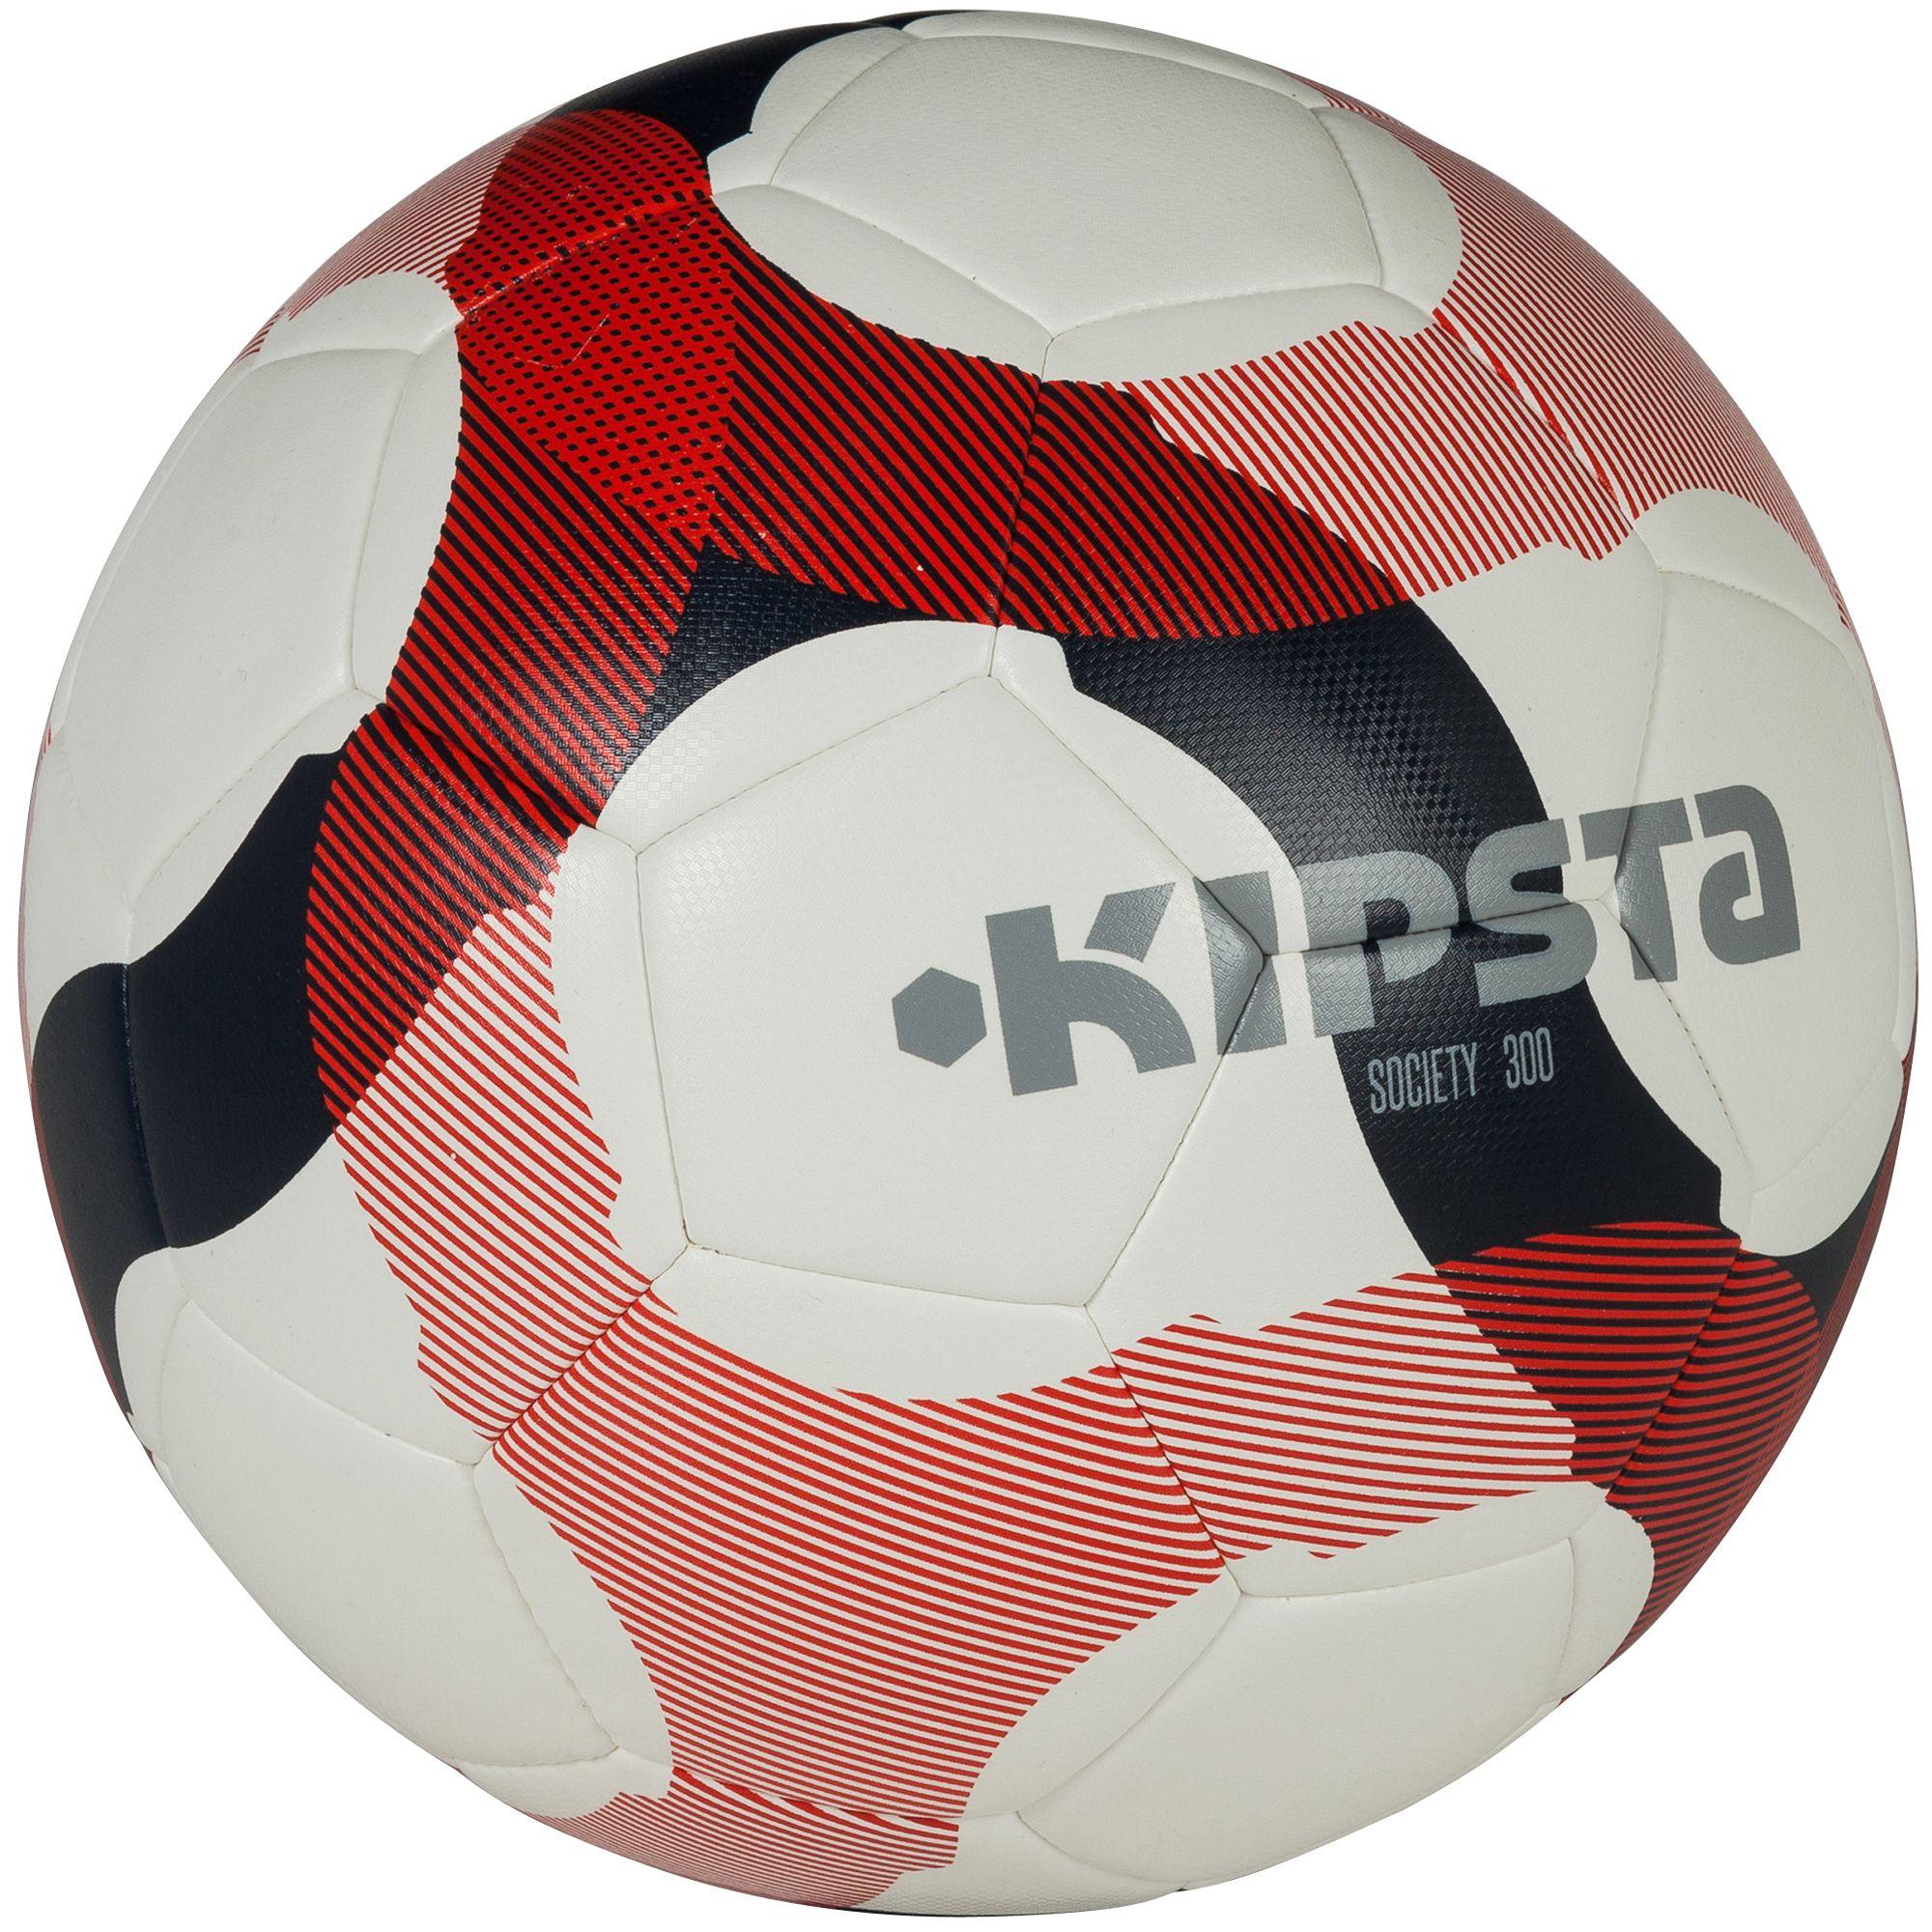 Ballon football society 300 hybride blanc bleu rouge